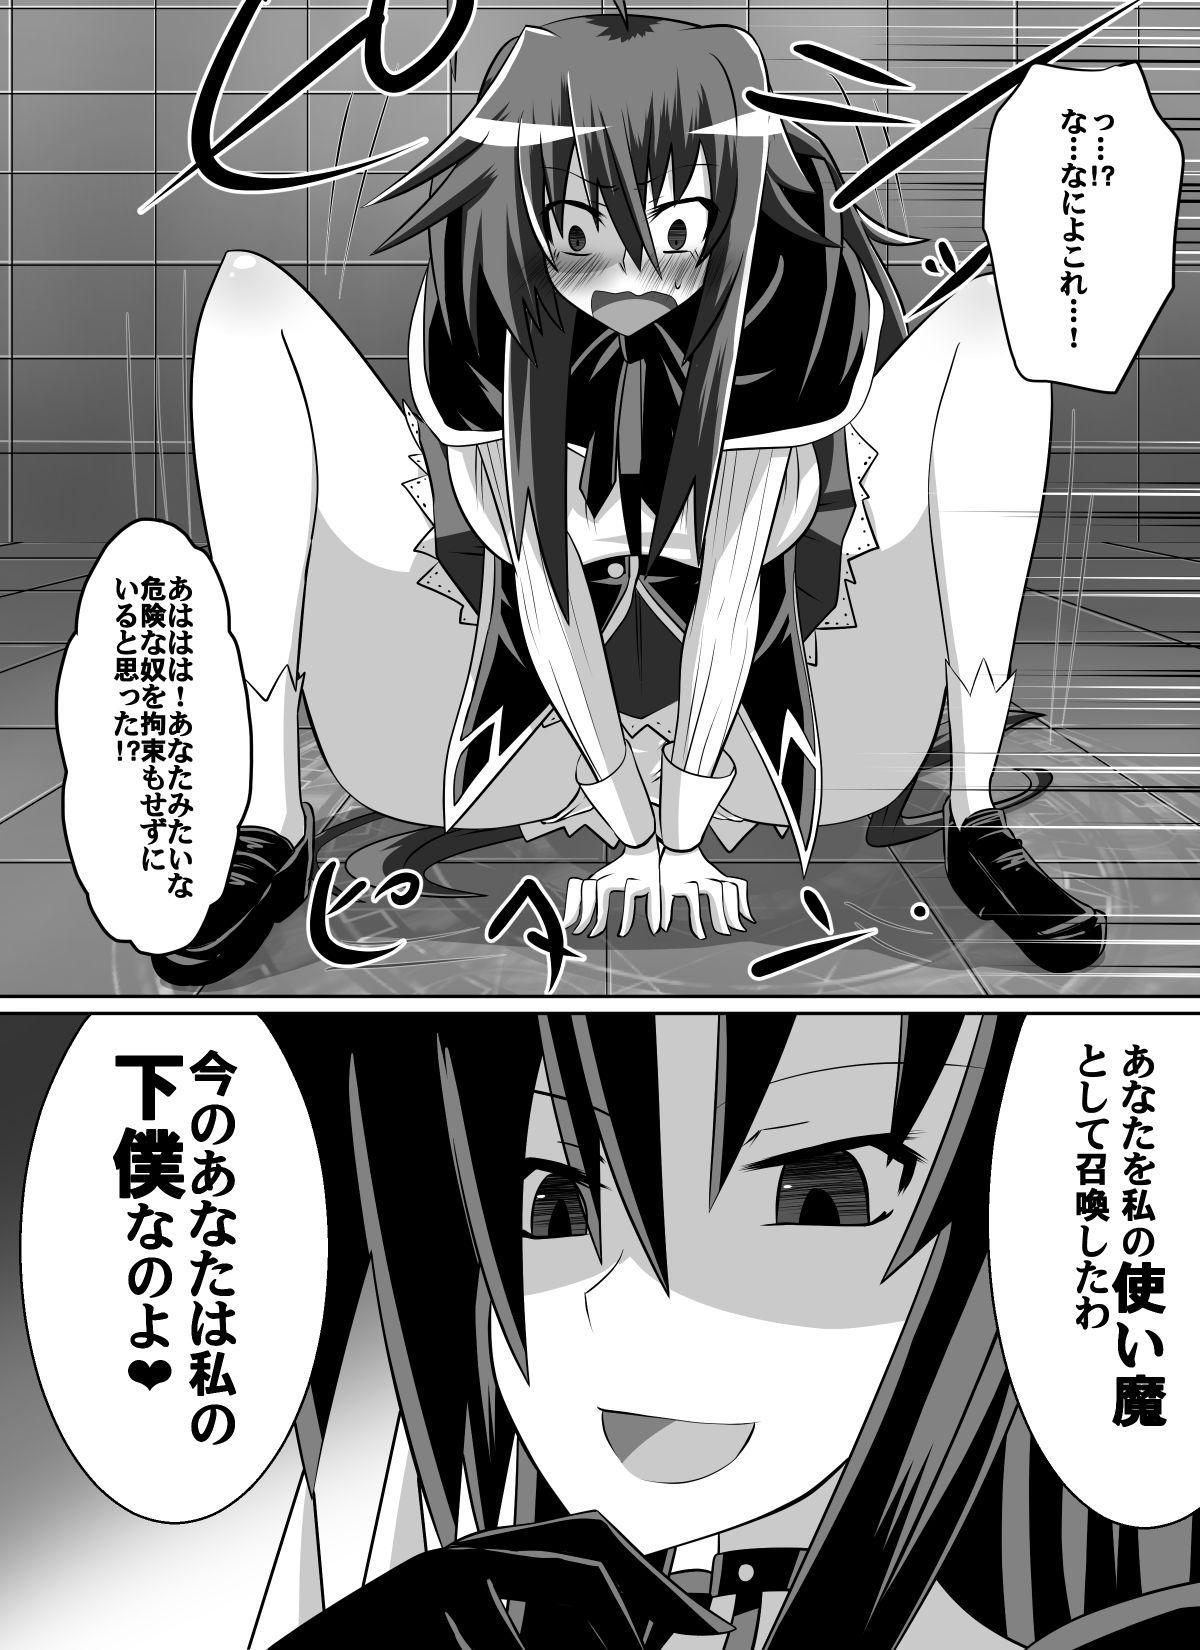 Benigami no Messatsuki ~Teki Onna ni Juurin Sareru Kouketsu Shoujo 29